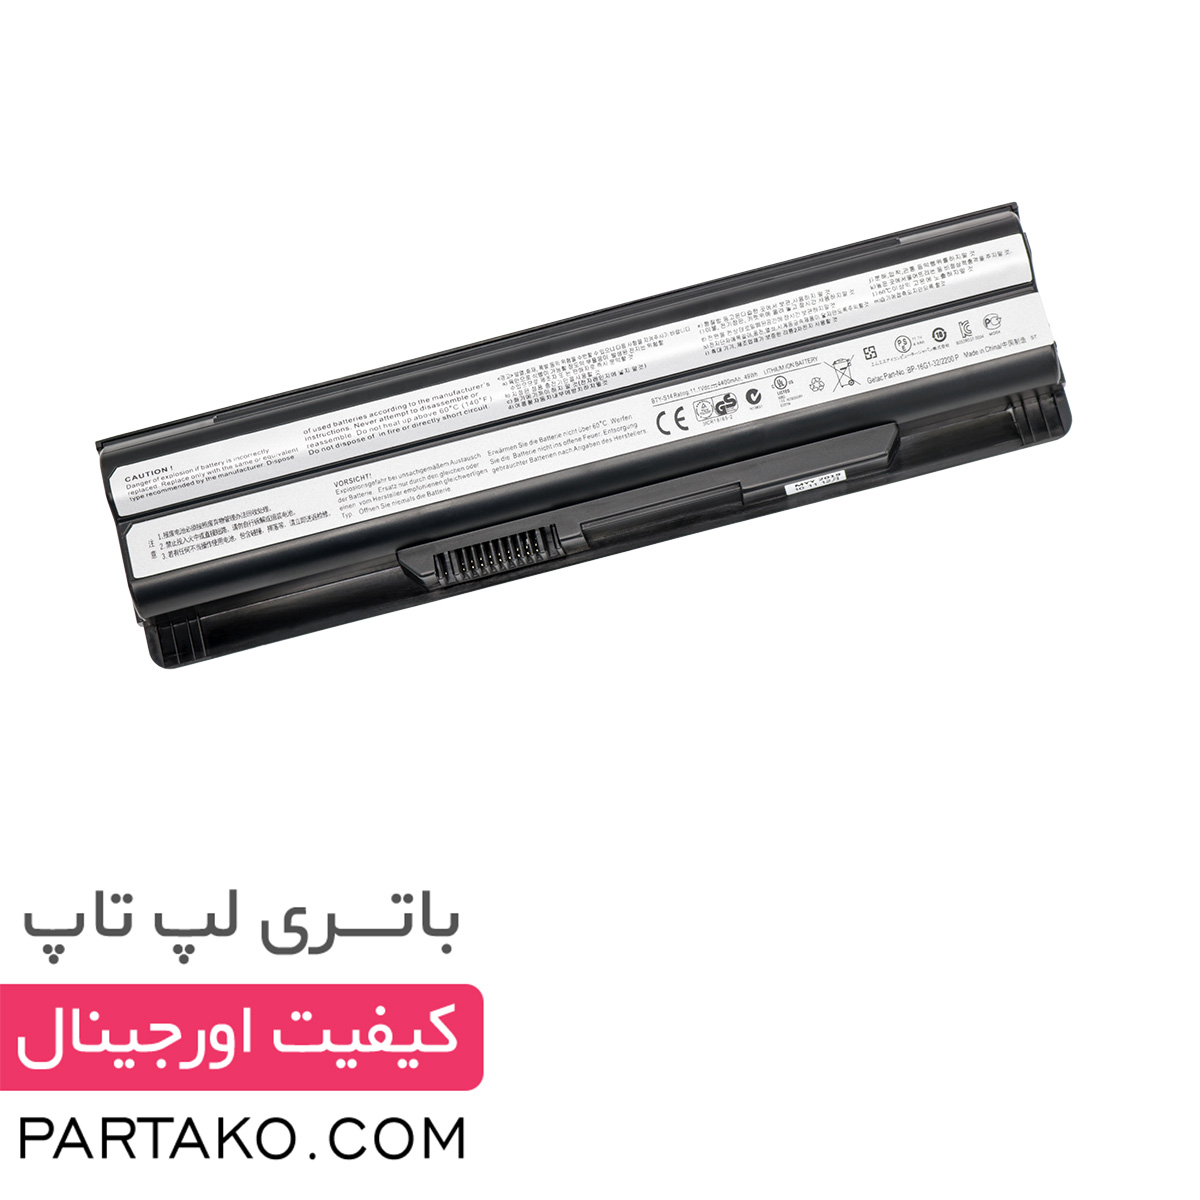 تصویر باتری لپ تاپ ام اس آی Laptop Battery MSI GE60 CX61 E1311 Laptop Battery BTY-S14 BTY-S15 for MSI CR650 CX650 FX600 GE60 GE70